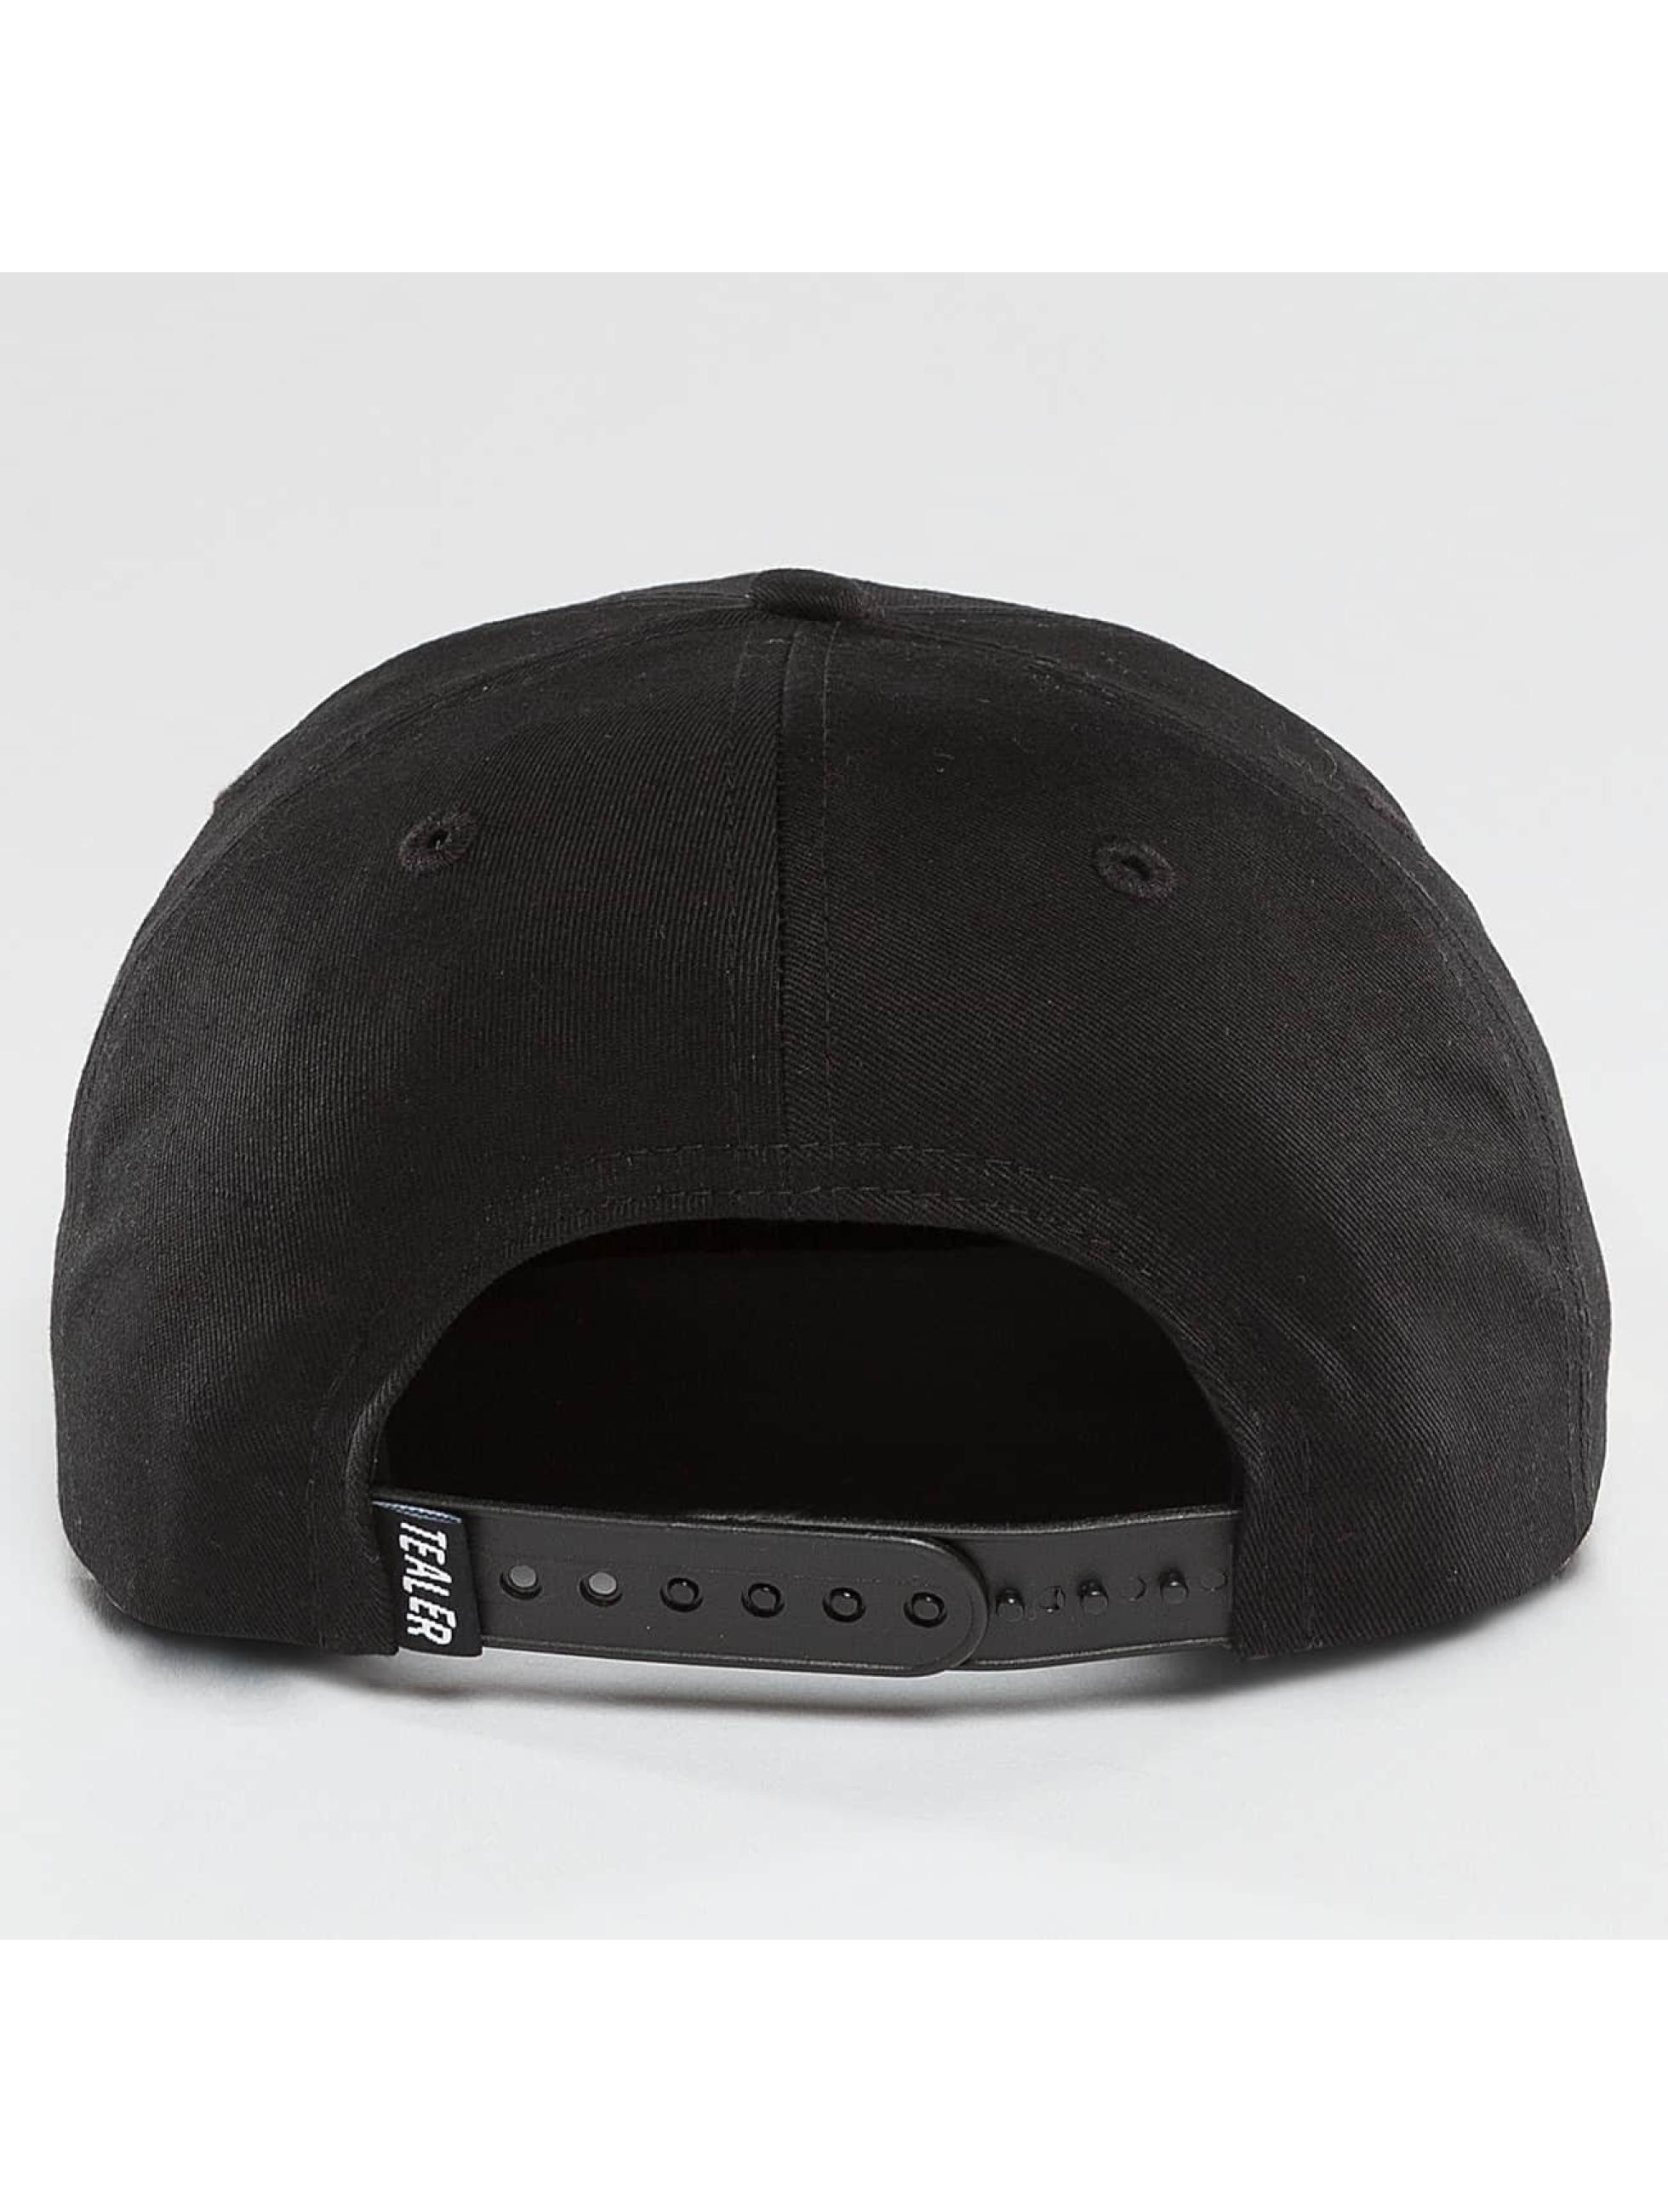 Tealer 5 Panel Caps Independent čern